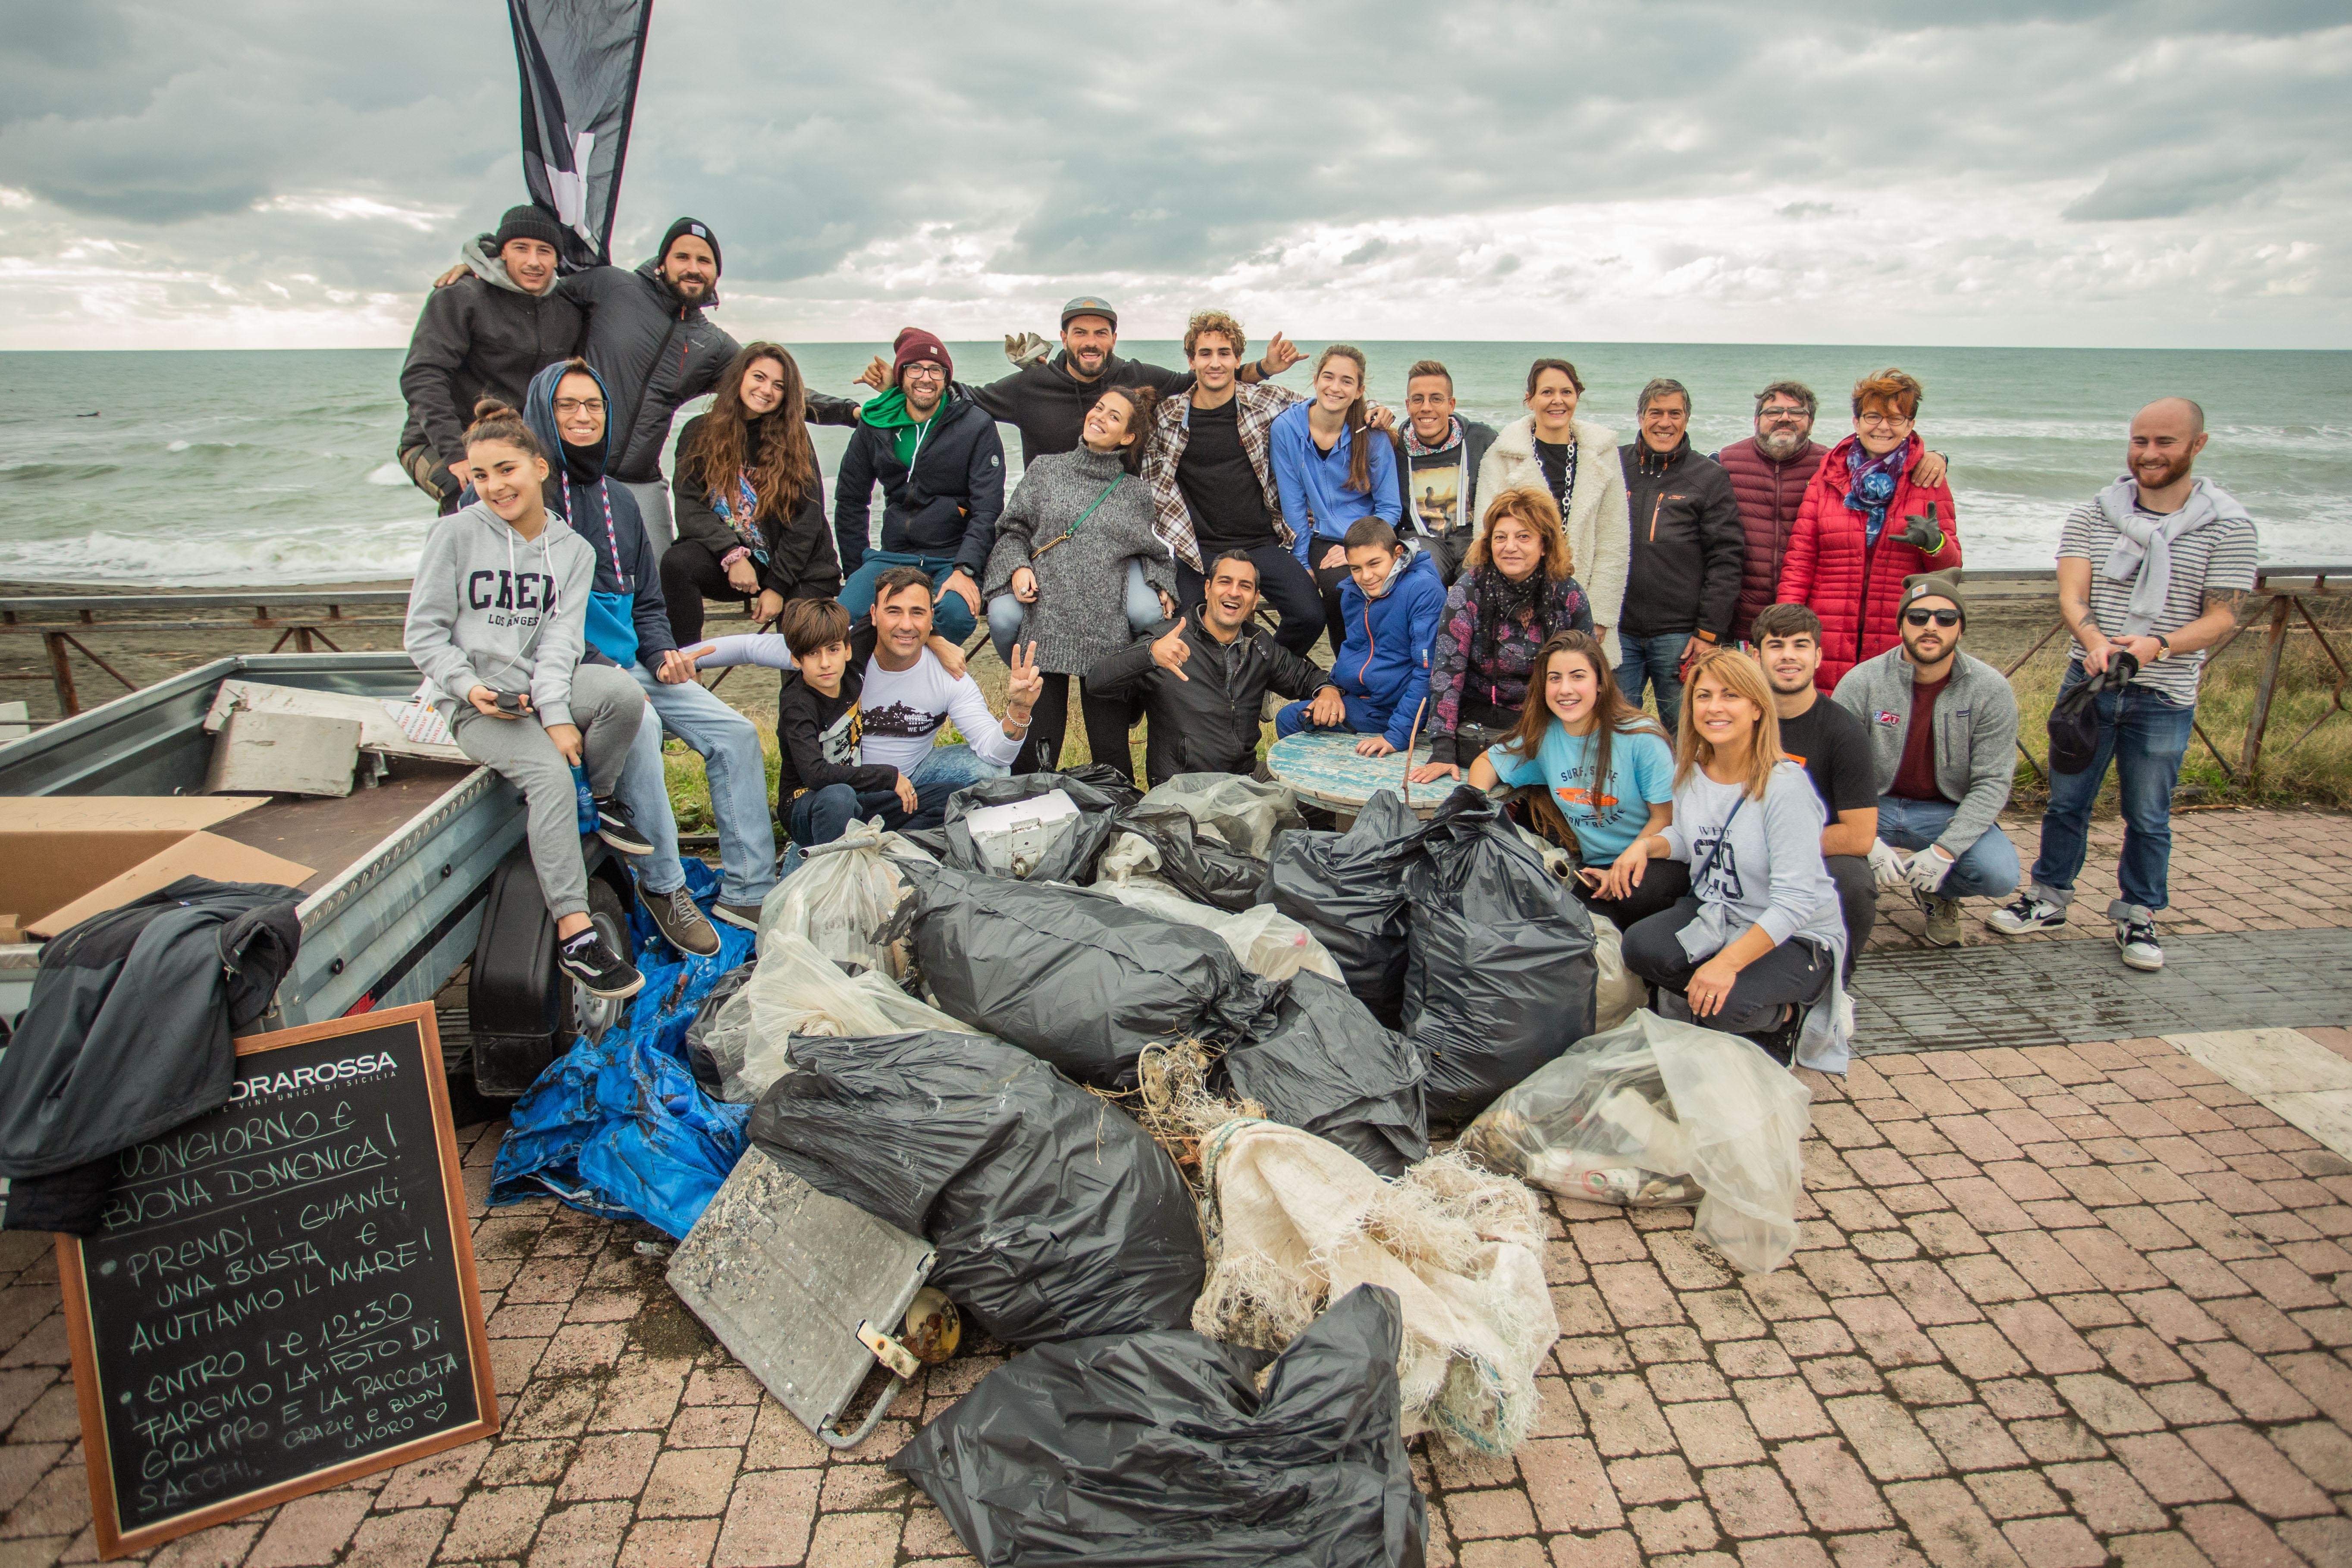 08/12/2019 Ladispoli. Il campione di surf Roberto D'amico lancia il #robycleanup, una settimana dedicata alla pulizia delle spiagge dalla plastica e dai rifiuti. Nella foto Roberto DÕamico e i volontari